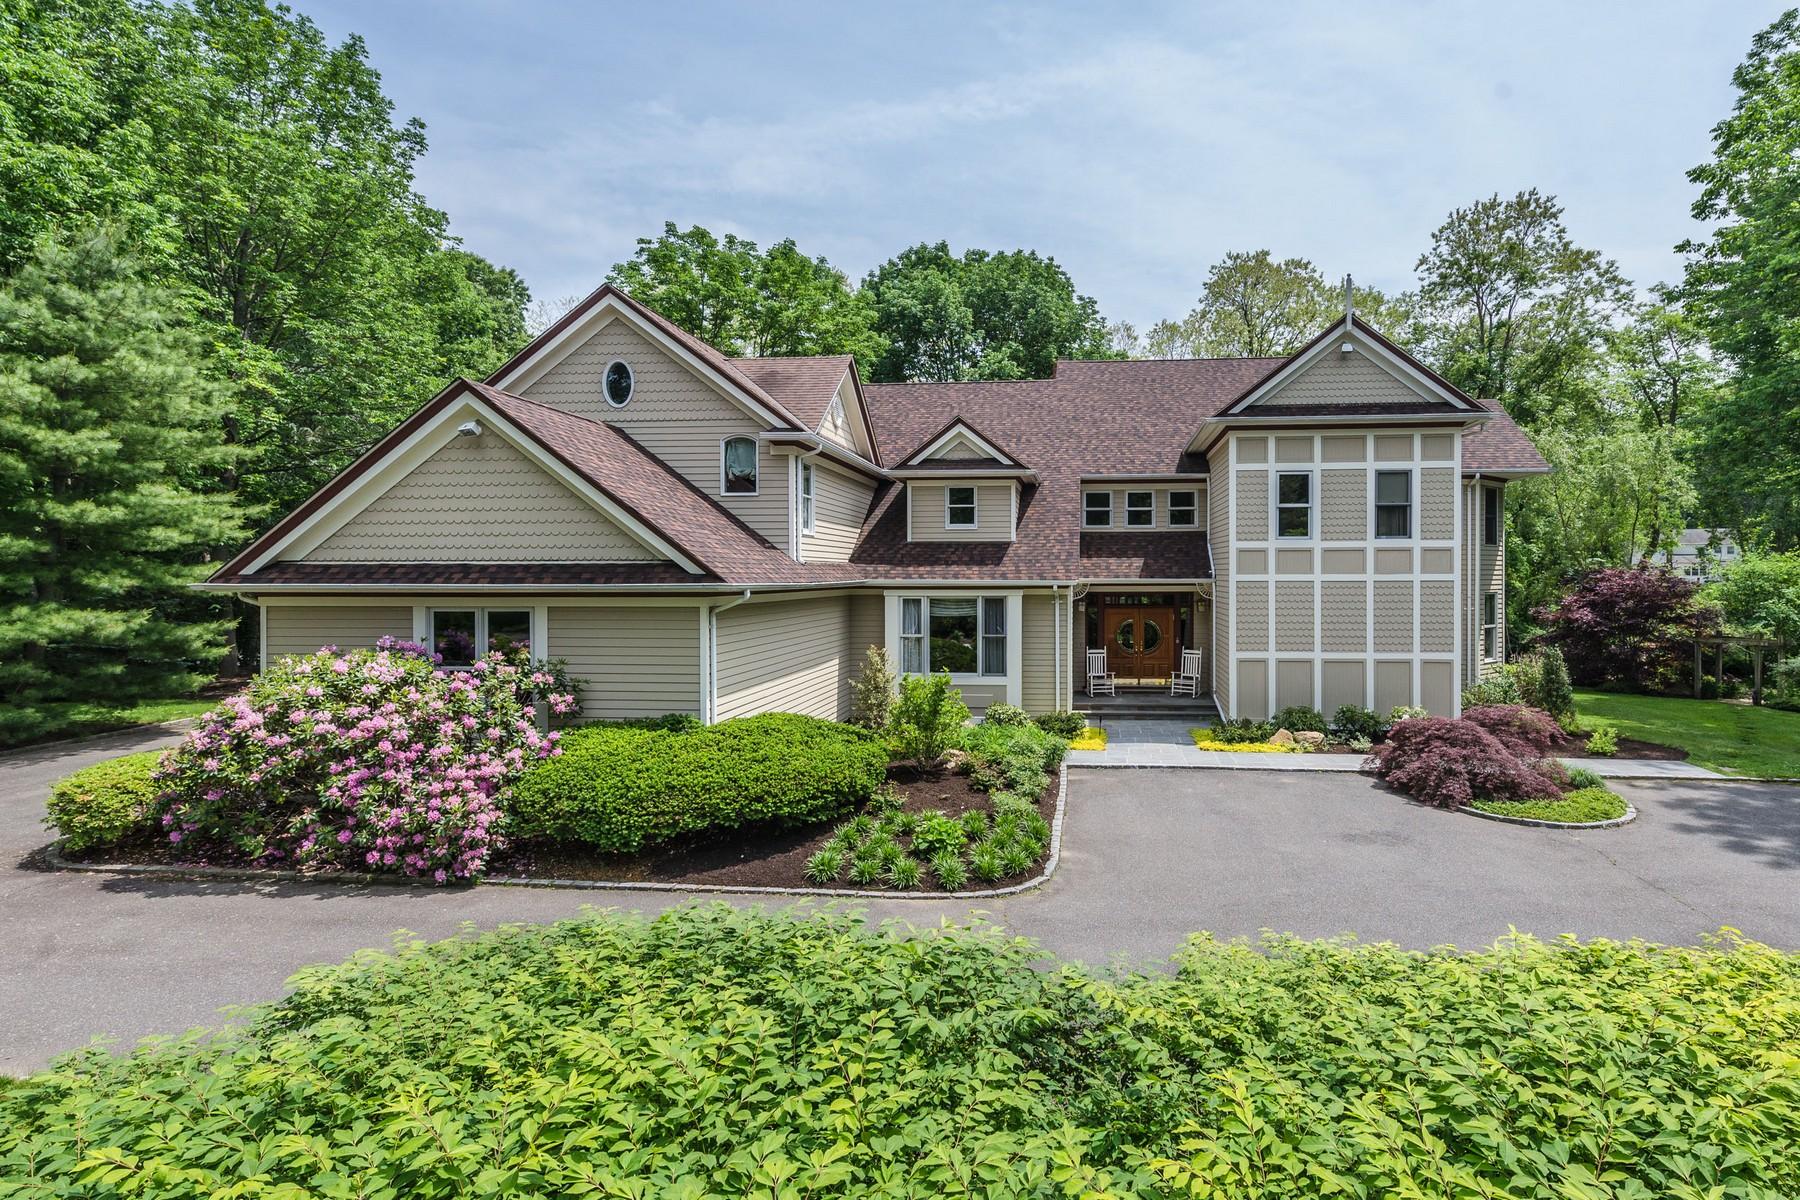 Maison unifamiliale pour l Vente à Wawapek Retreat 4 Toboggan Hill Path Cold Spring Harbor, New York 11724 États-Unis